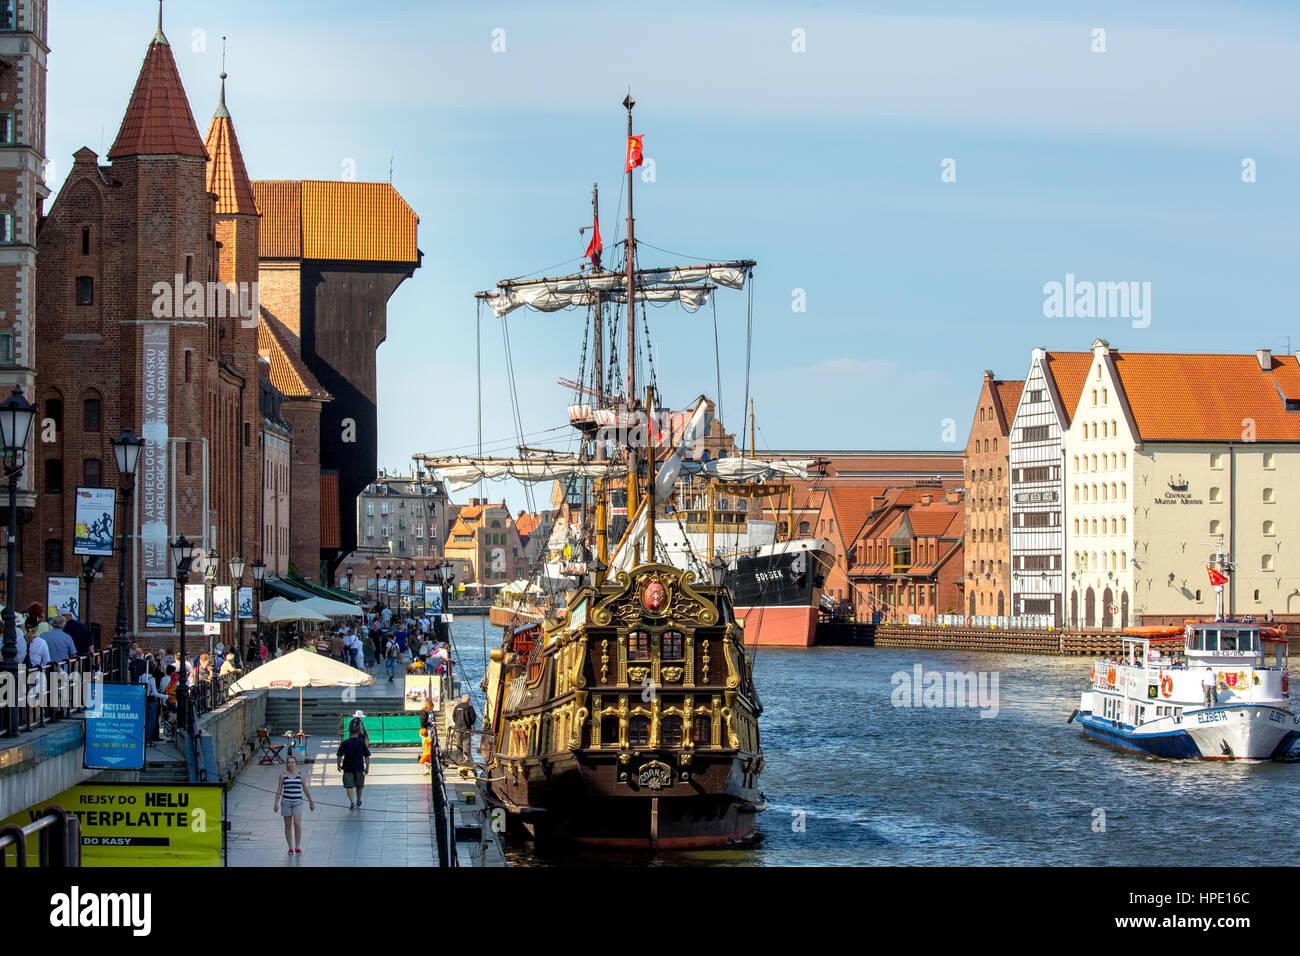 Stary Zuraw, crane gate on the Motława River, port basin with cog, Żuraw, Gdańsk, Gdansk, pomorskie, Pomeranian - Stock Image